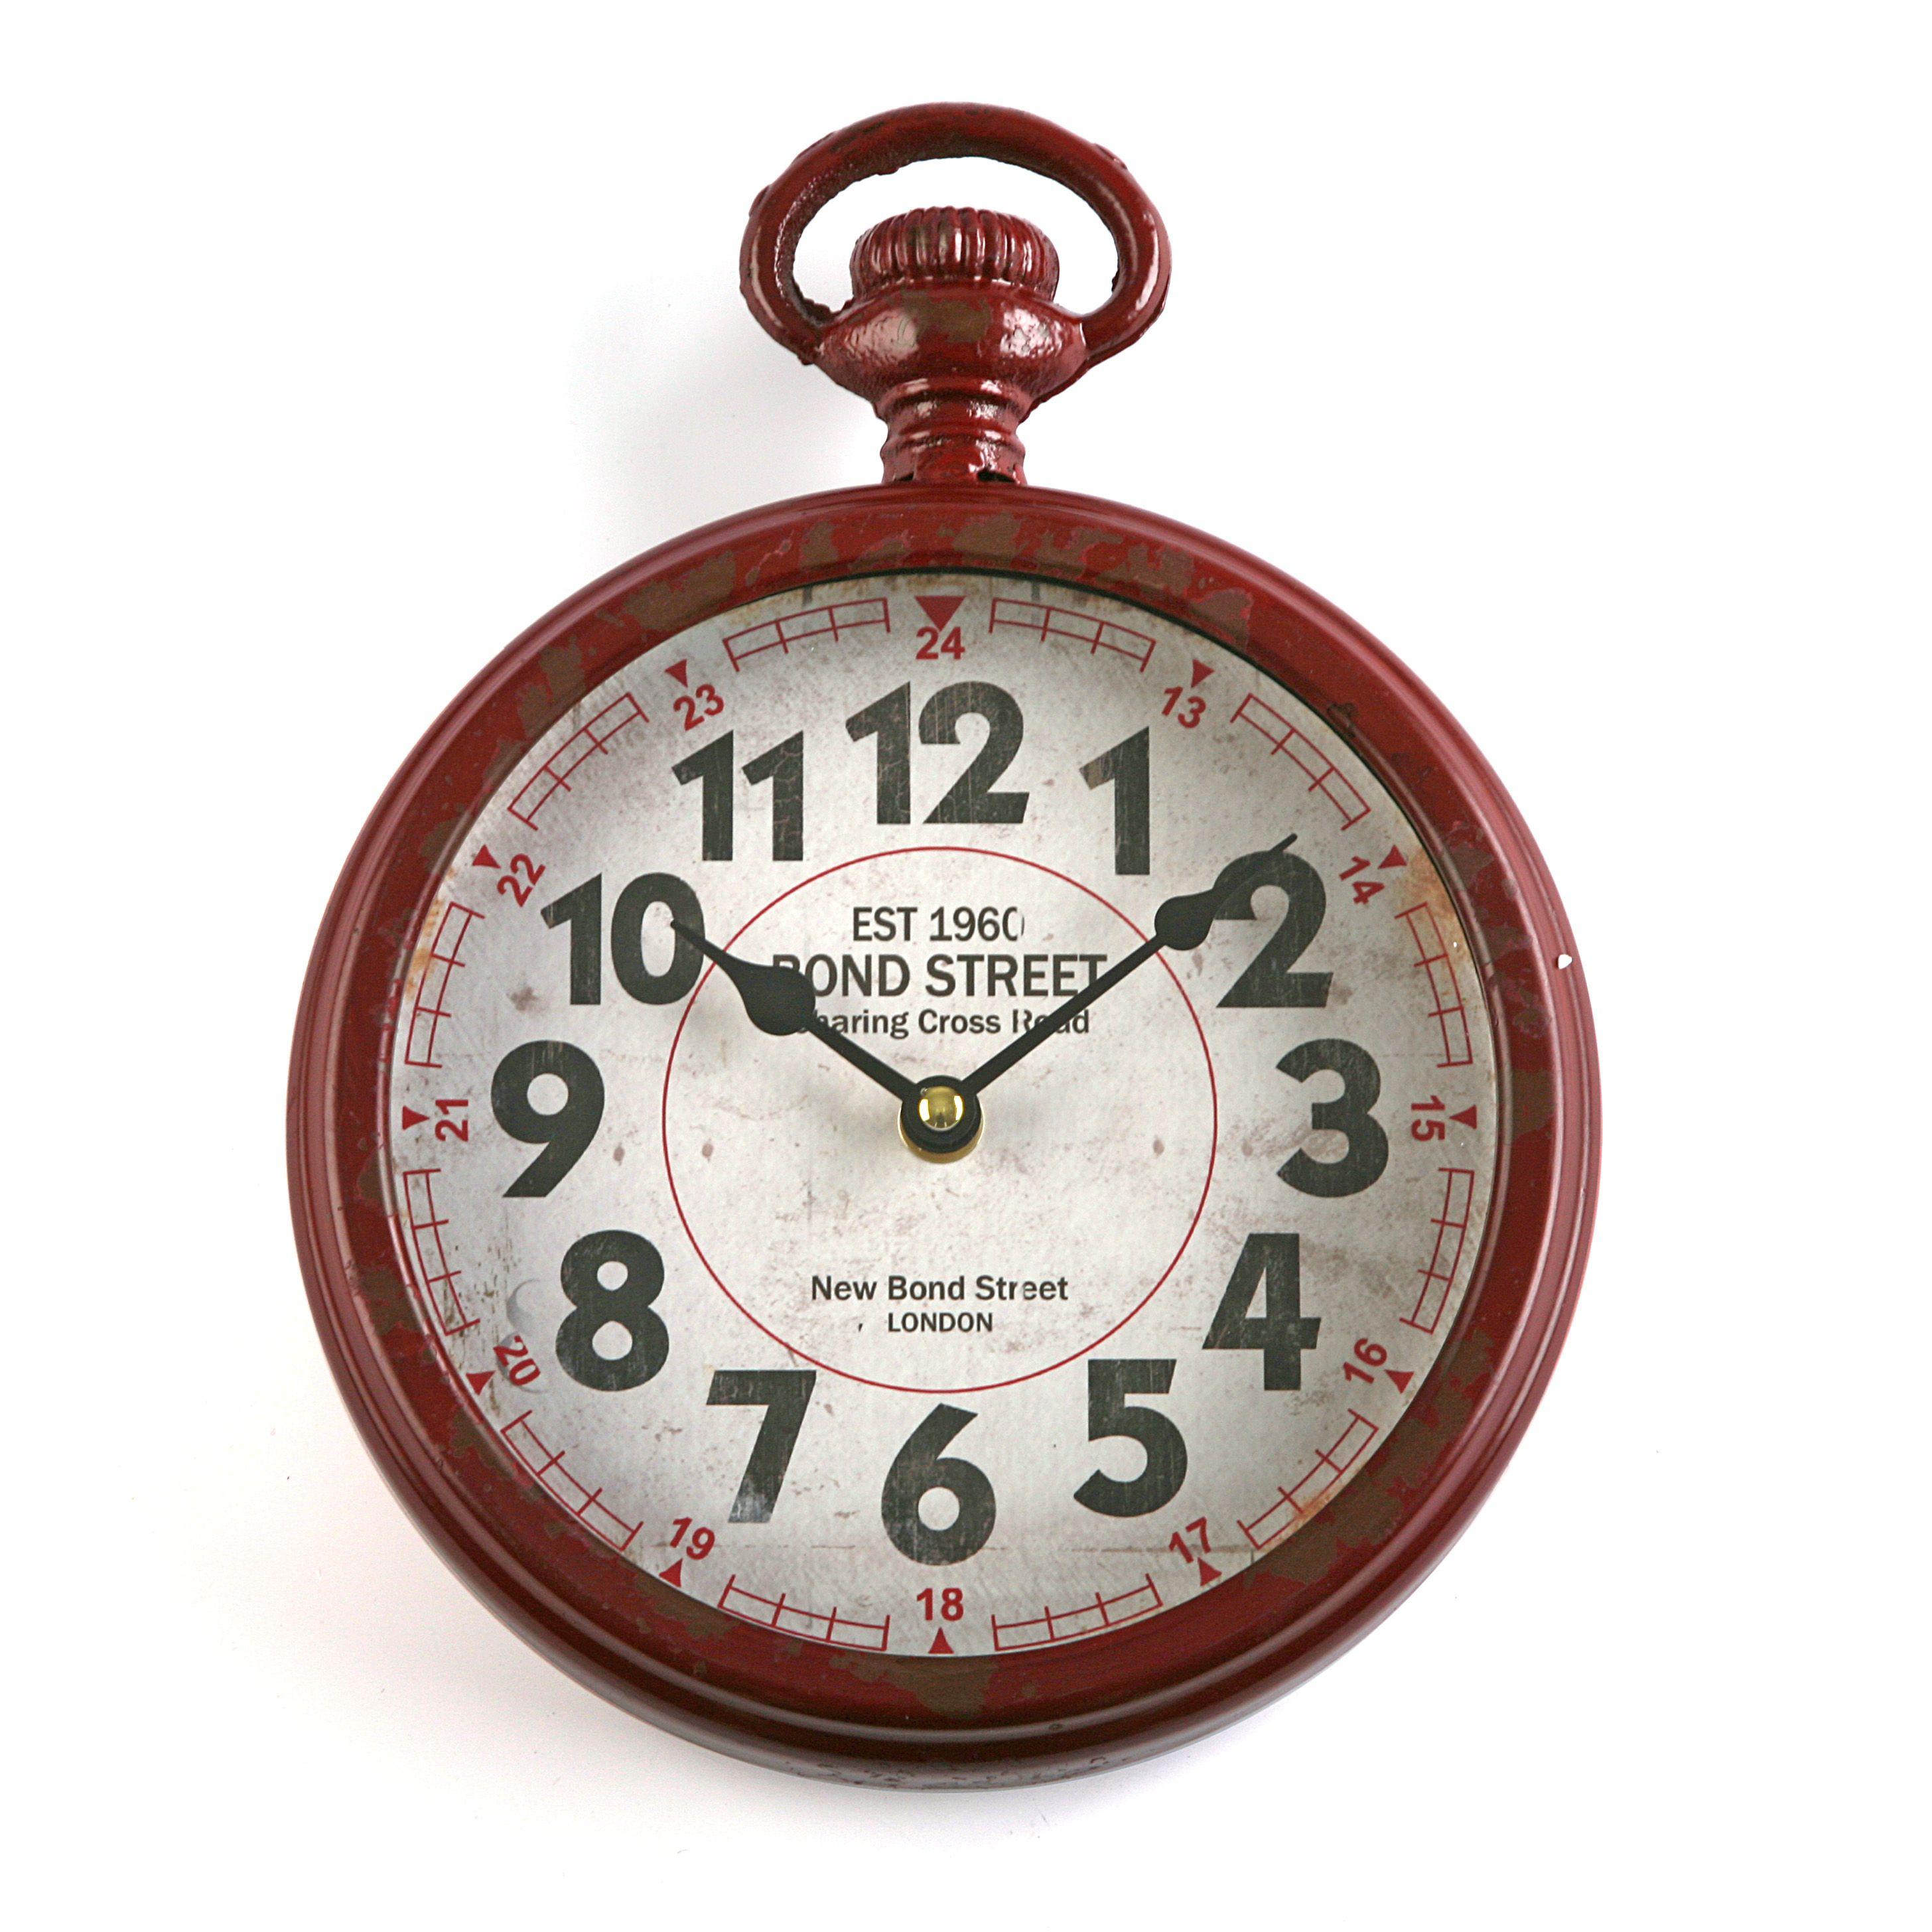 Reloj De Pared De Color Rojo Y Estilo Retro Reloj Retro Casa Versa Retro Style Red Clock Relojes De Pared Decoracion De Unas Relojes De Pared Originales